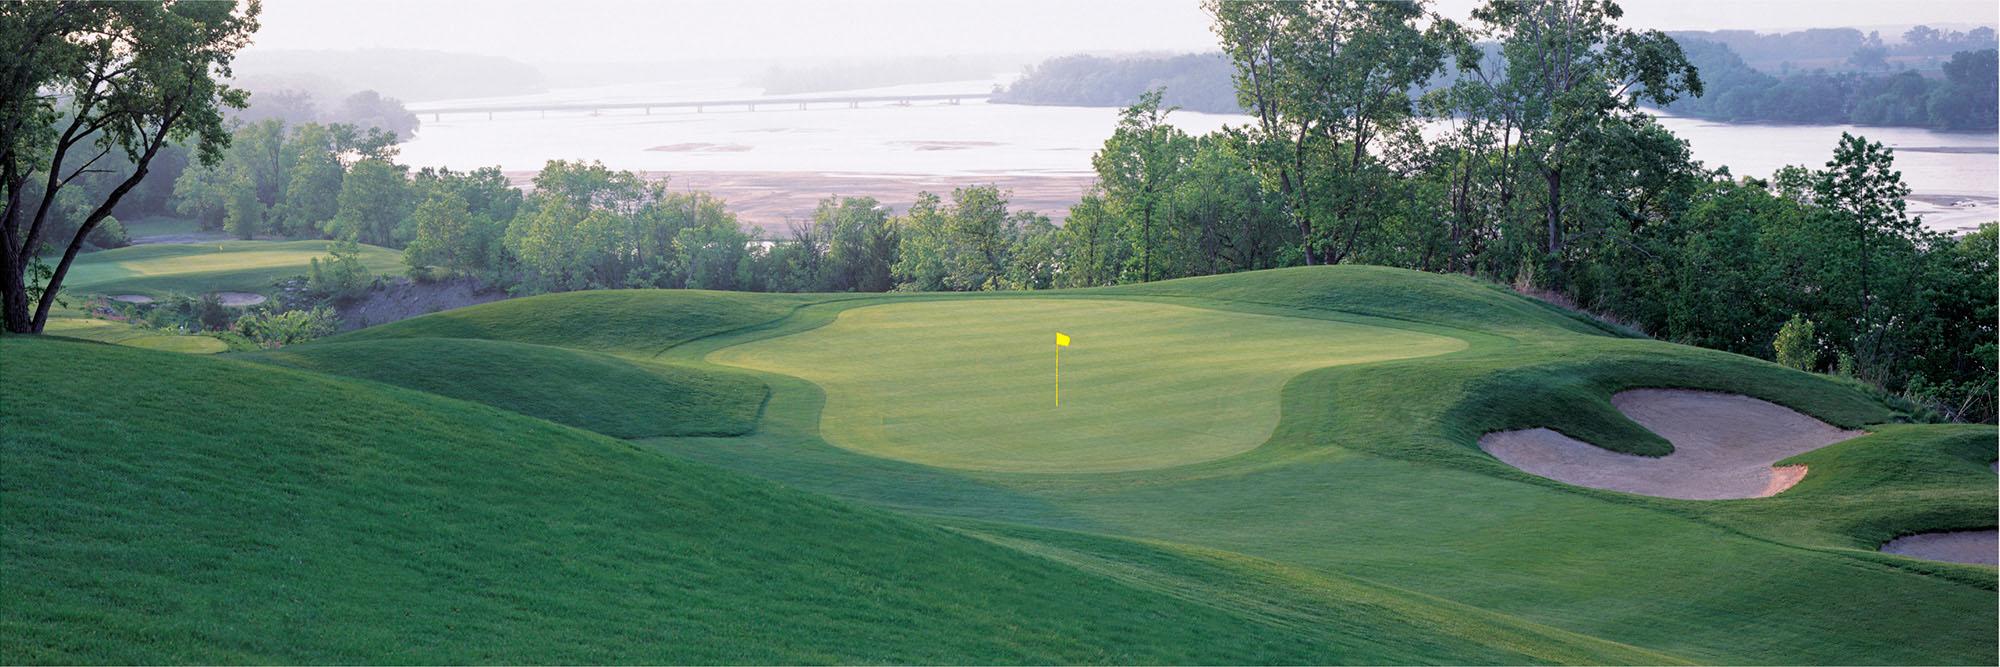 Golf Course Image - Quarry Oaks No. 14